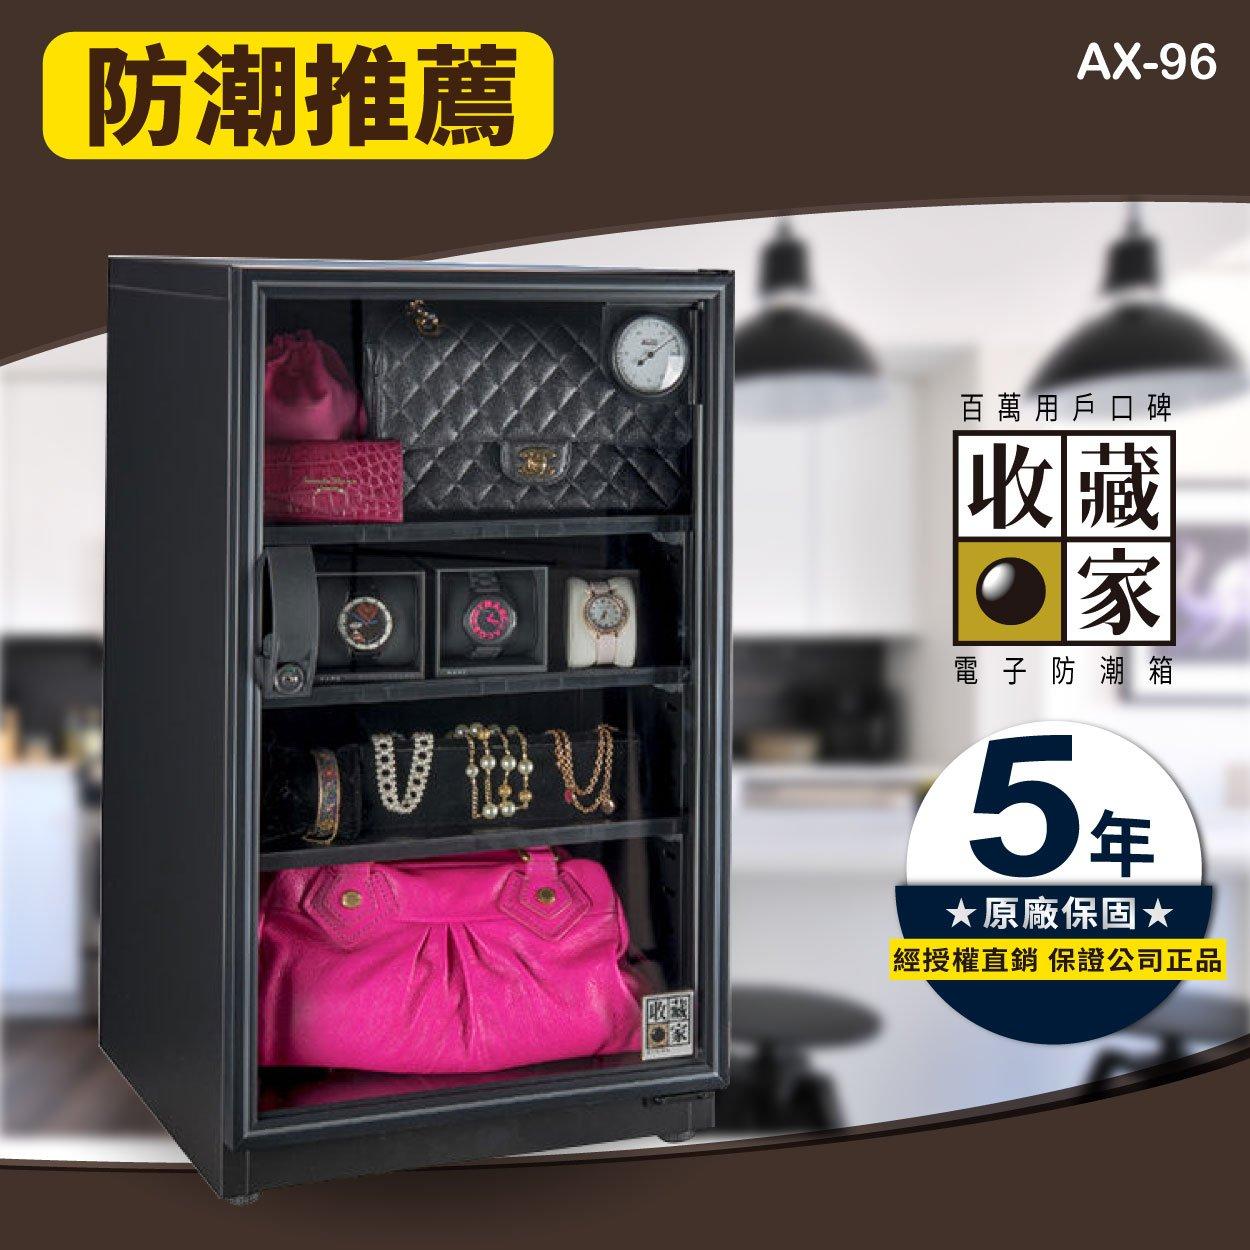 【翻桌熊】收藏家 AX-96 大型除濕主機 型電子防潮箱(93公升) 茶葉 乾糧  單眼 相機 包包 收藏 櫃子 防潮